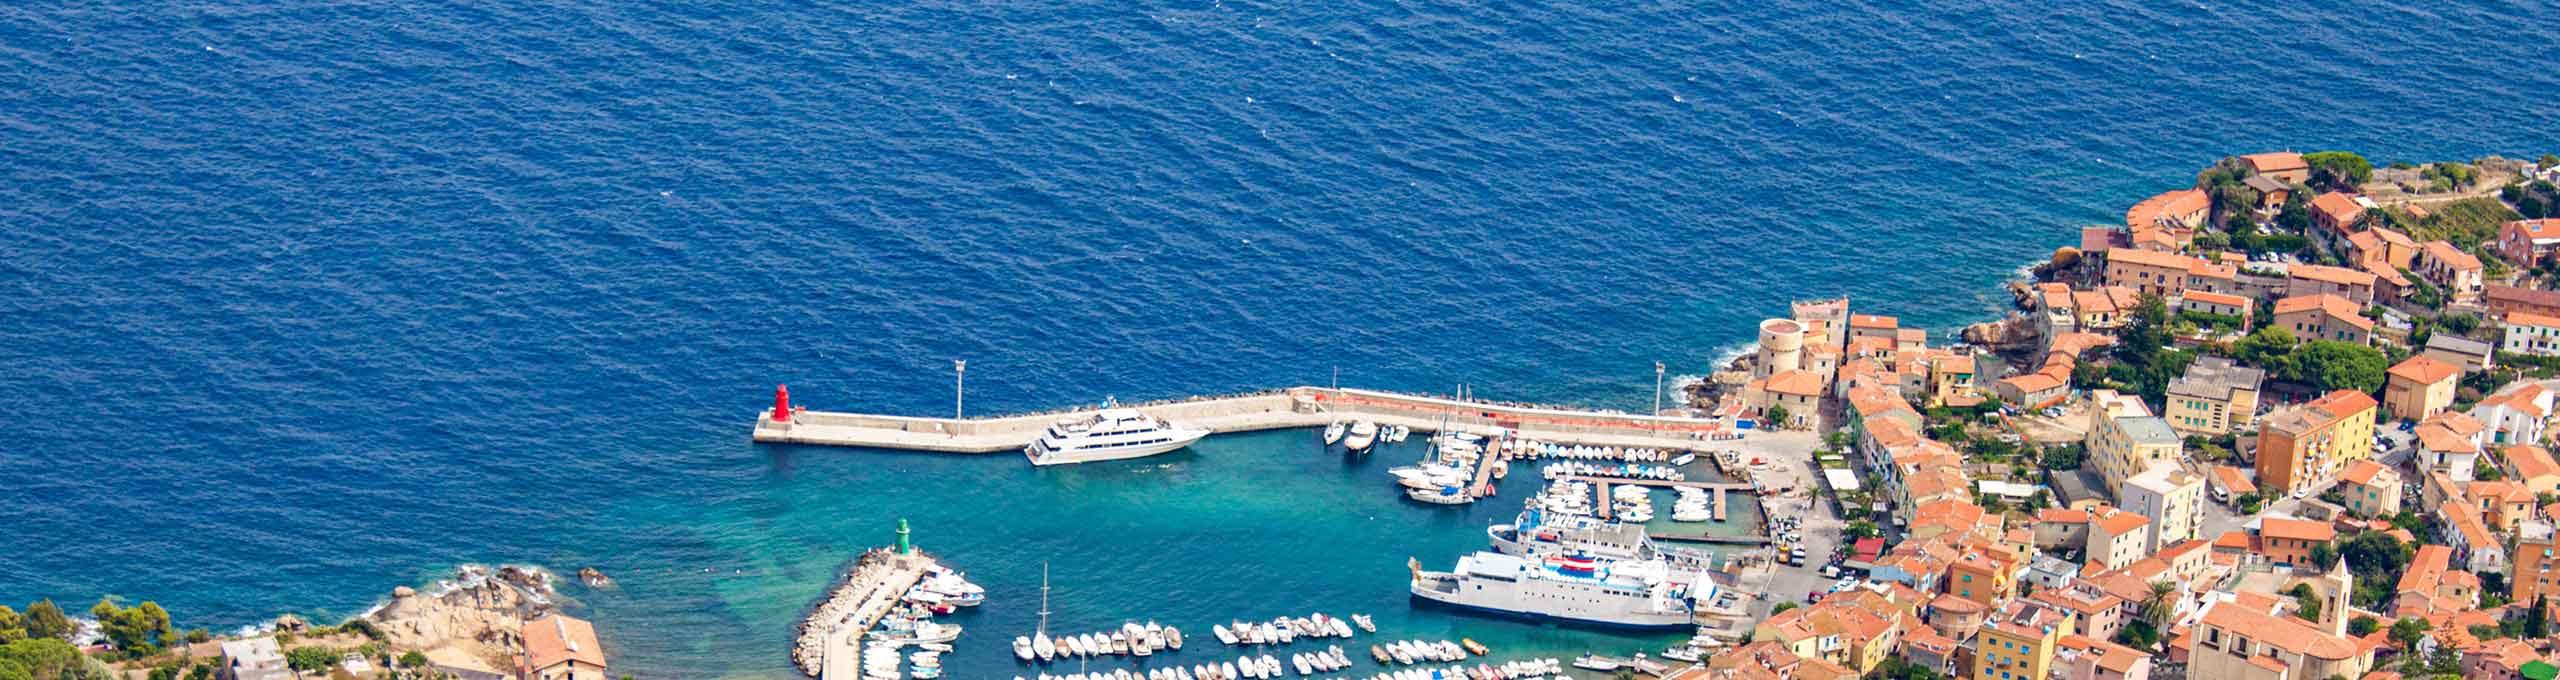 Isola del Giglio, Arcipelago Toscano